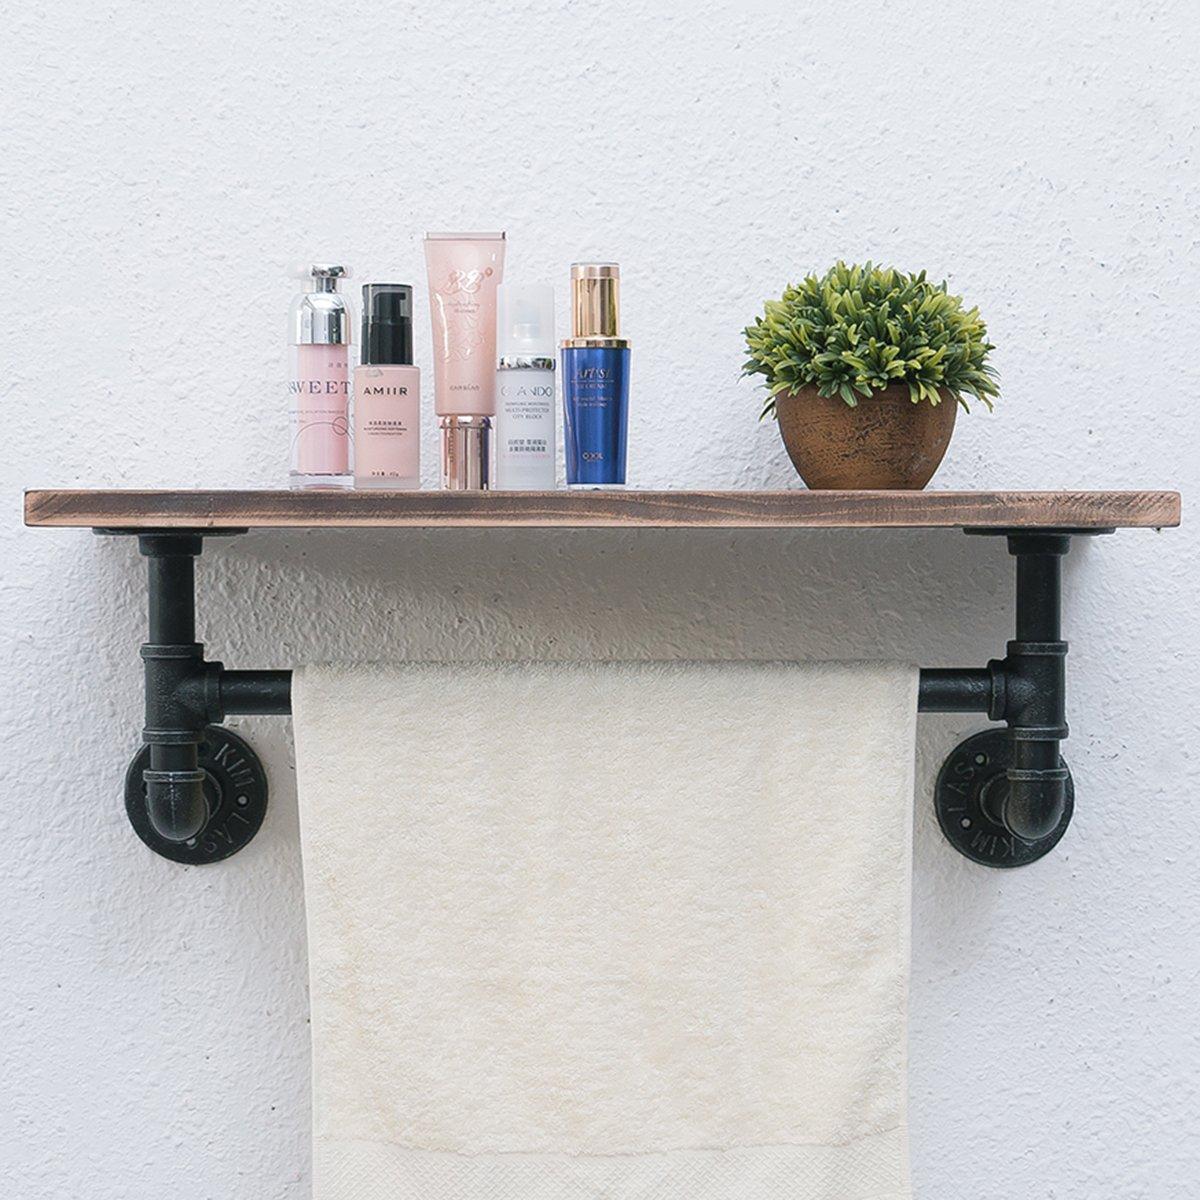 Industrial Pipe Bathroom Shelf24 Rustic Wall Shelf With Towel Bar